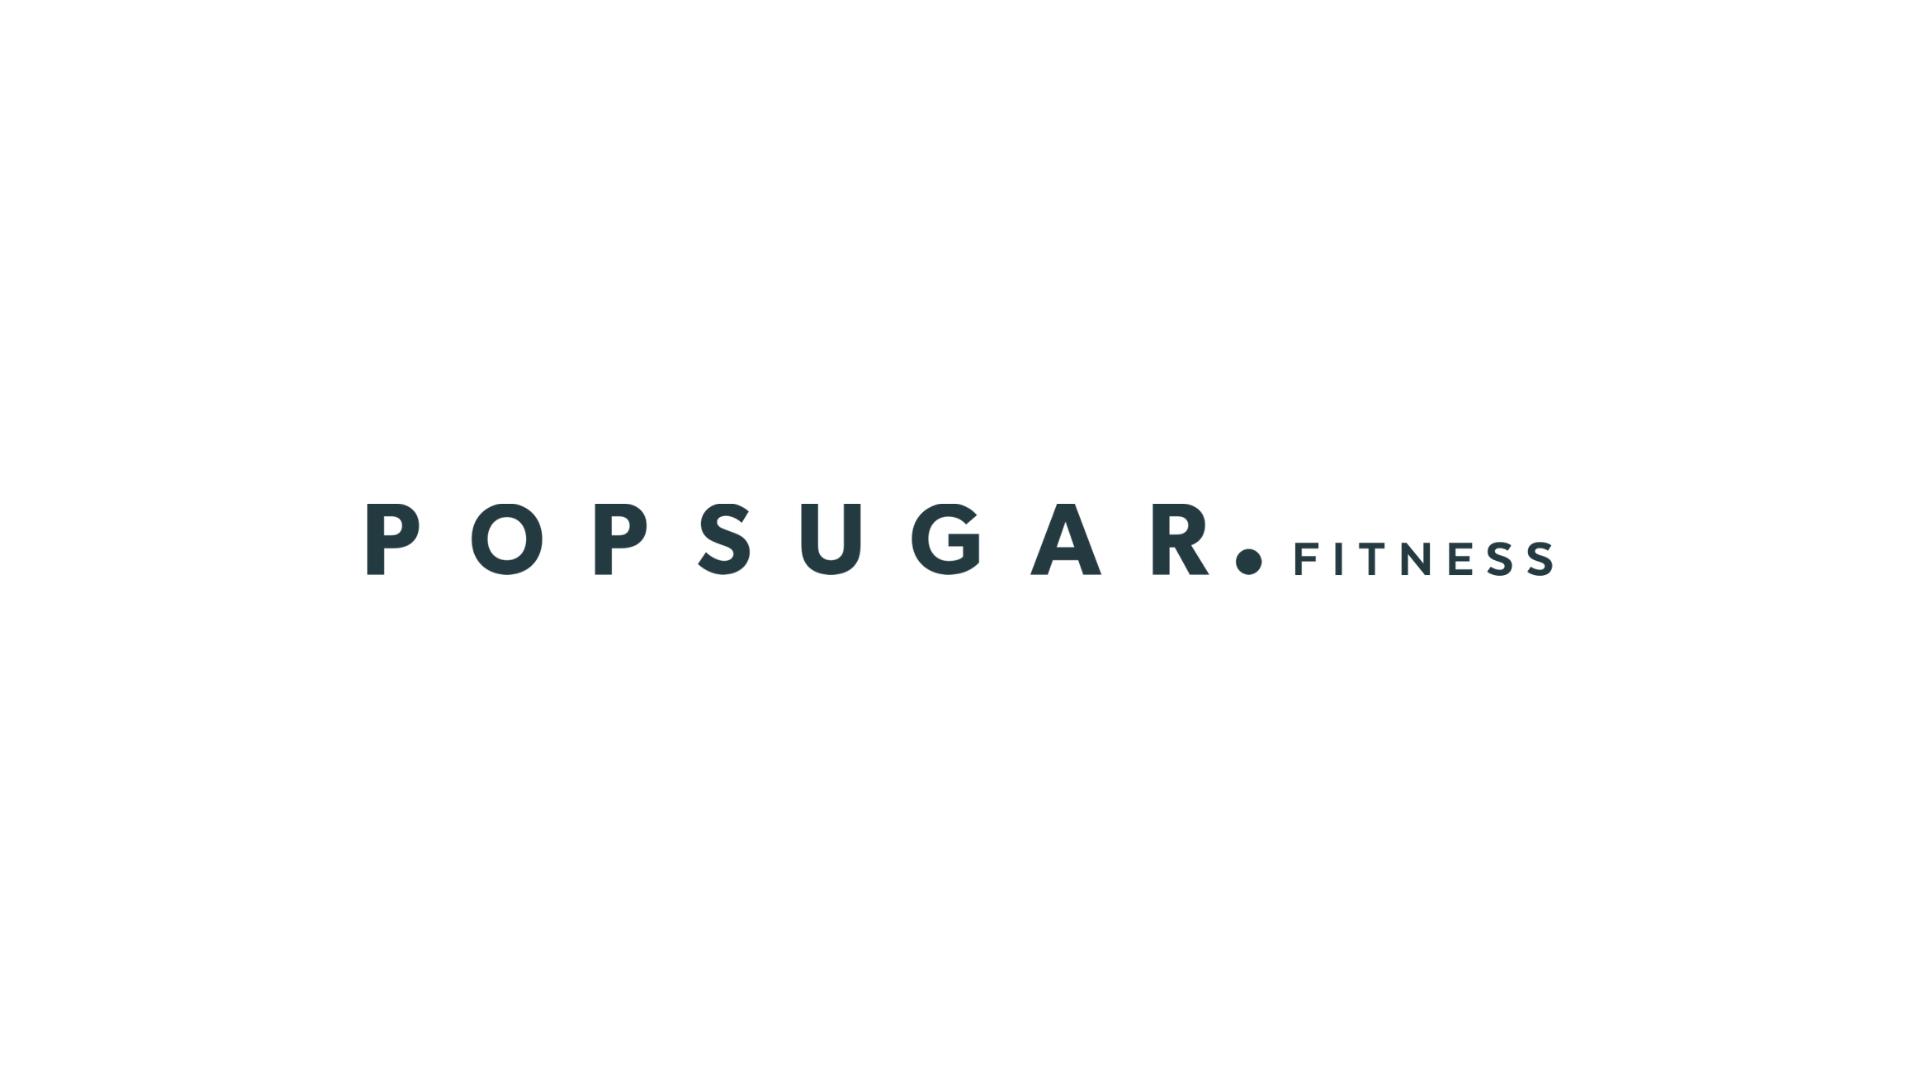 popsugar fitness logo